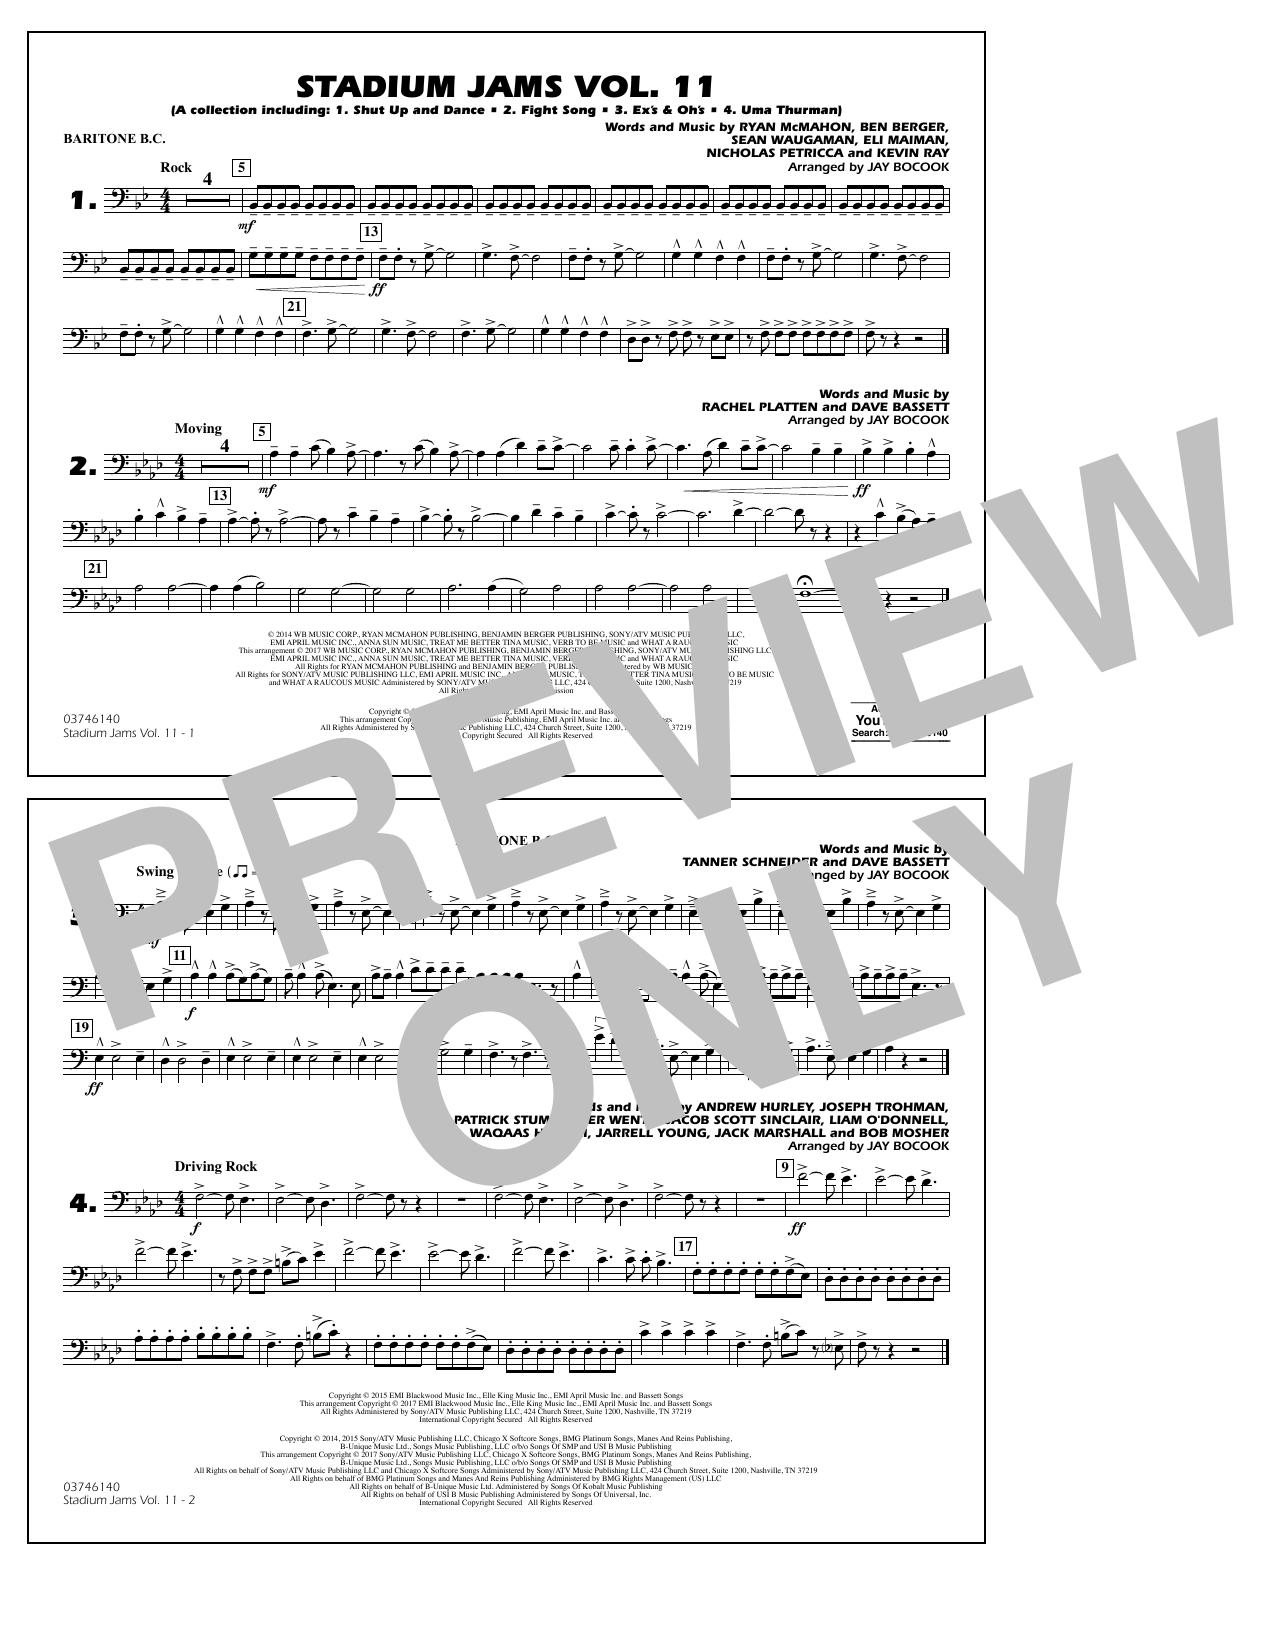 Stadium Jams Volume 11 - Baritone B.C. Partition Digitale